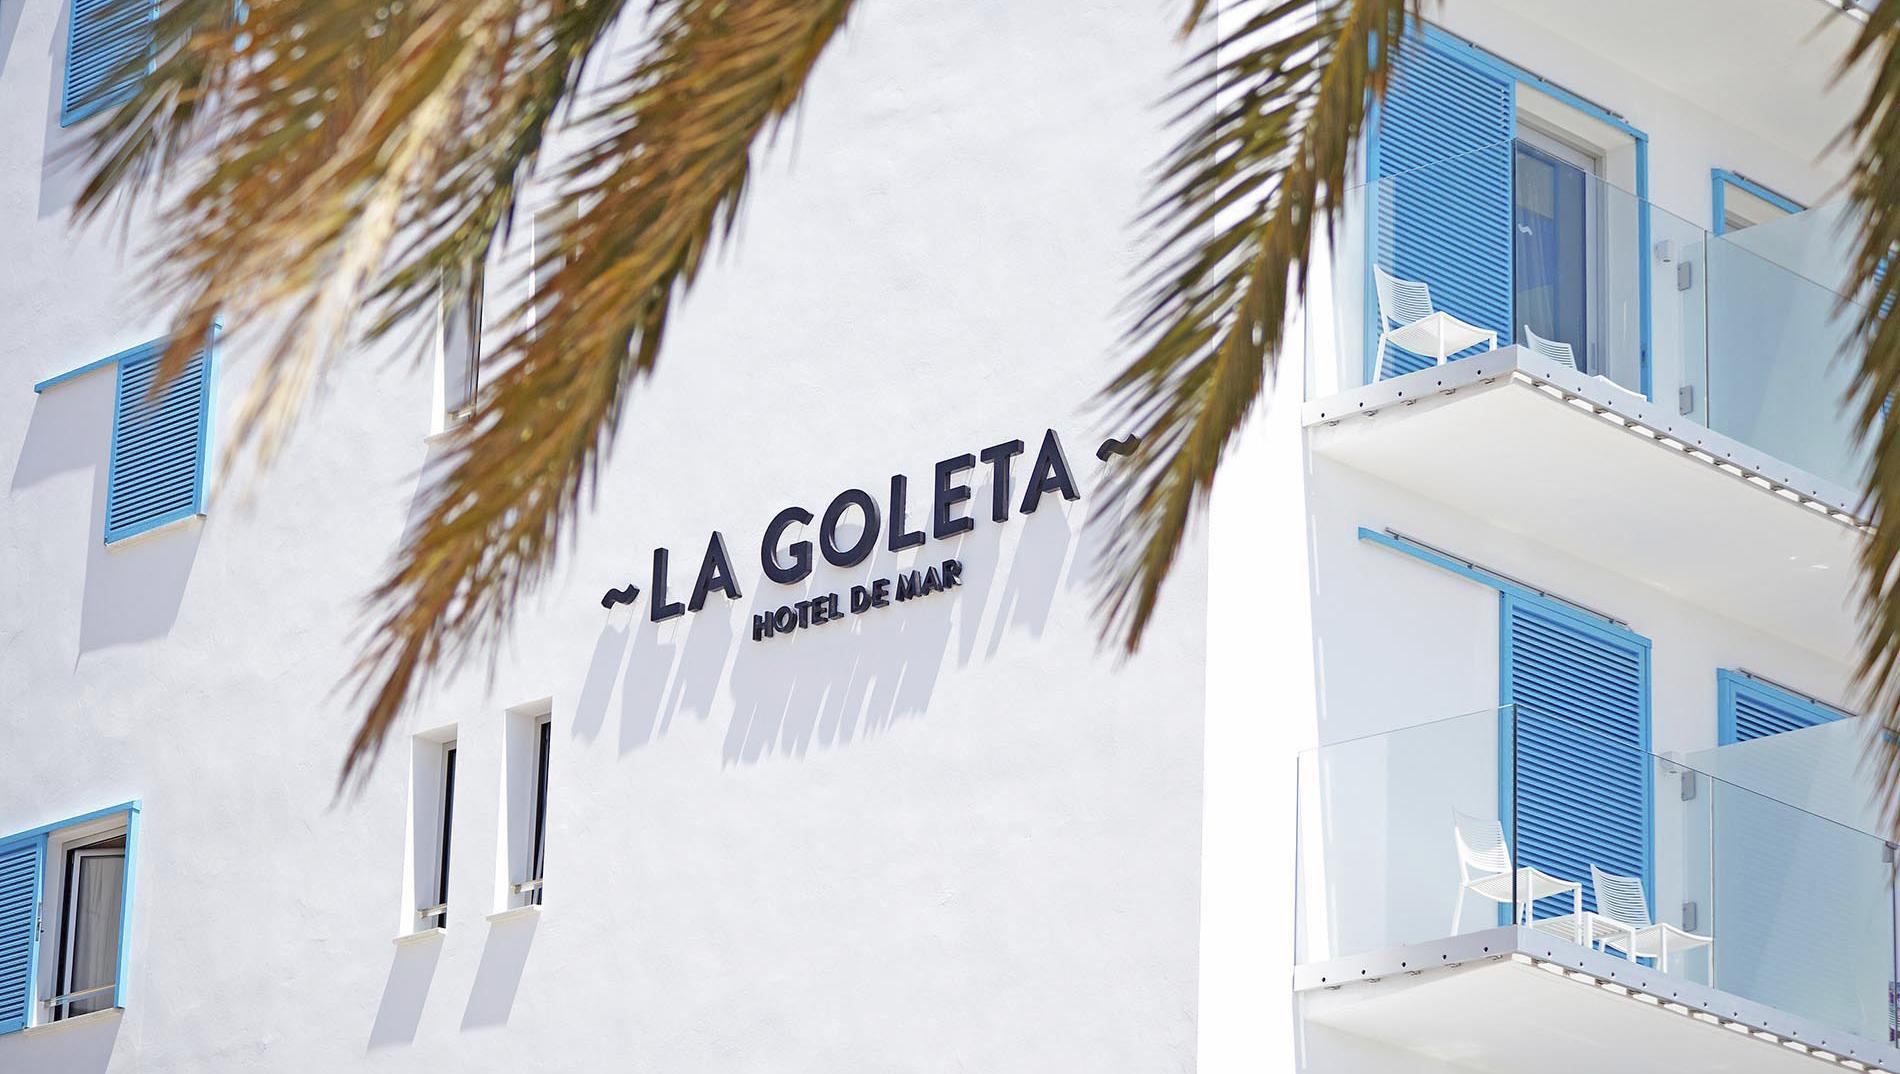 La Goleta hotel de mar branding fachada